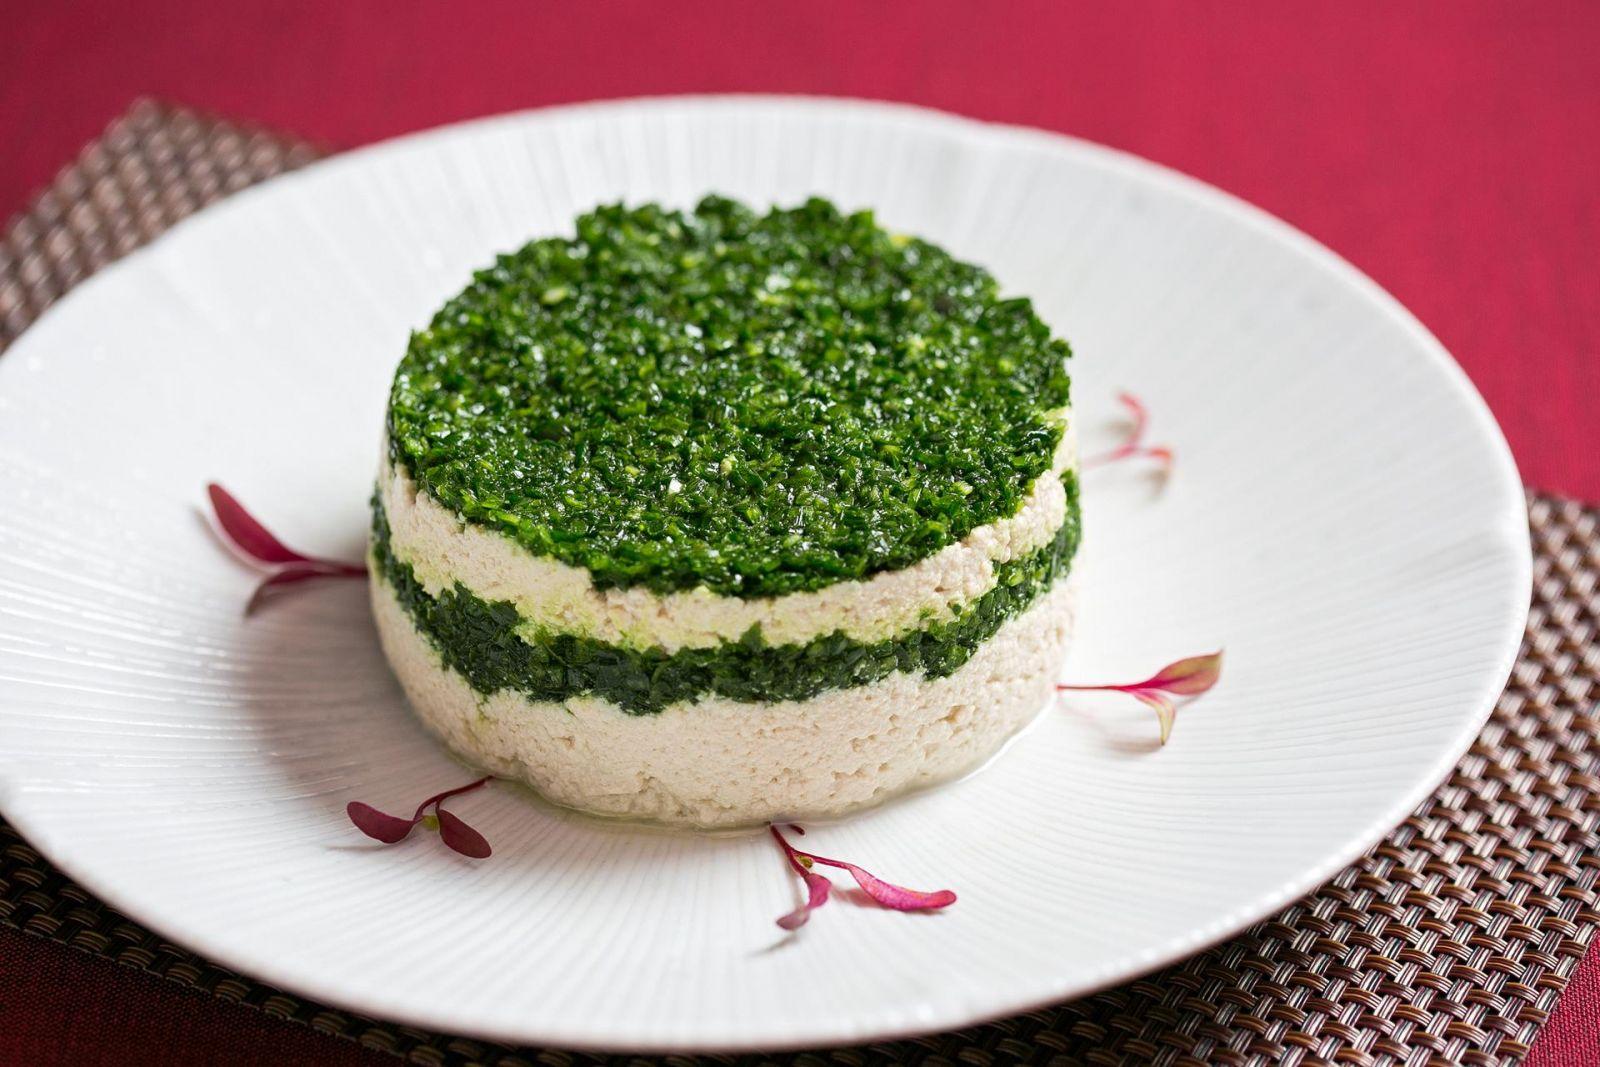 台北國賓大飯店川菜廳小蔥豆腐